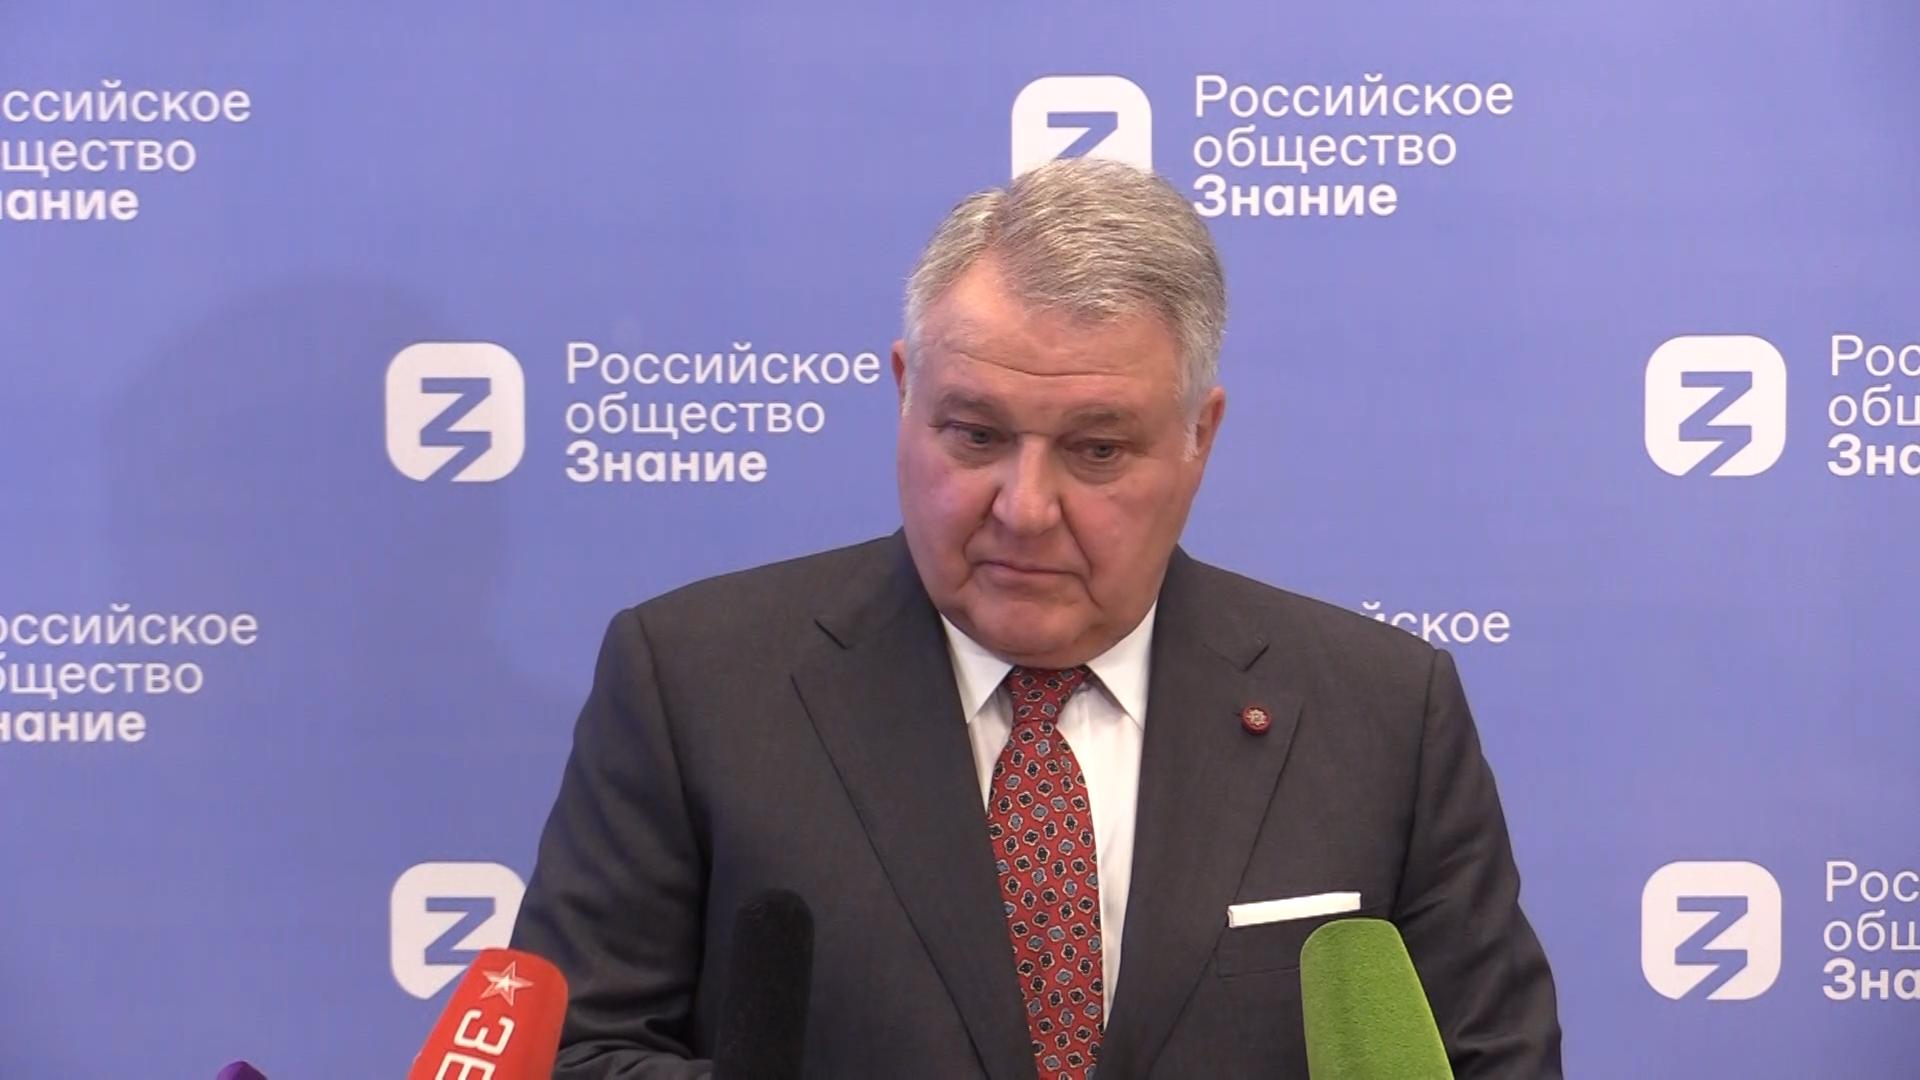 Глава Курчатовского института спрогнозировал обострение энергетического неравенства